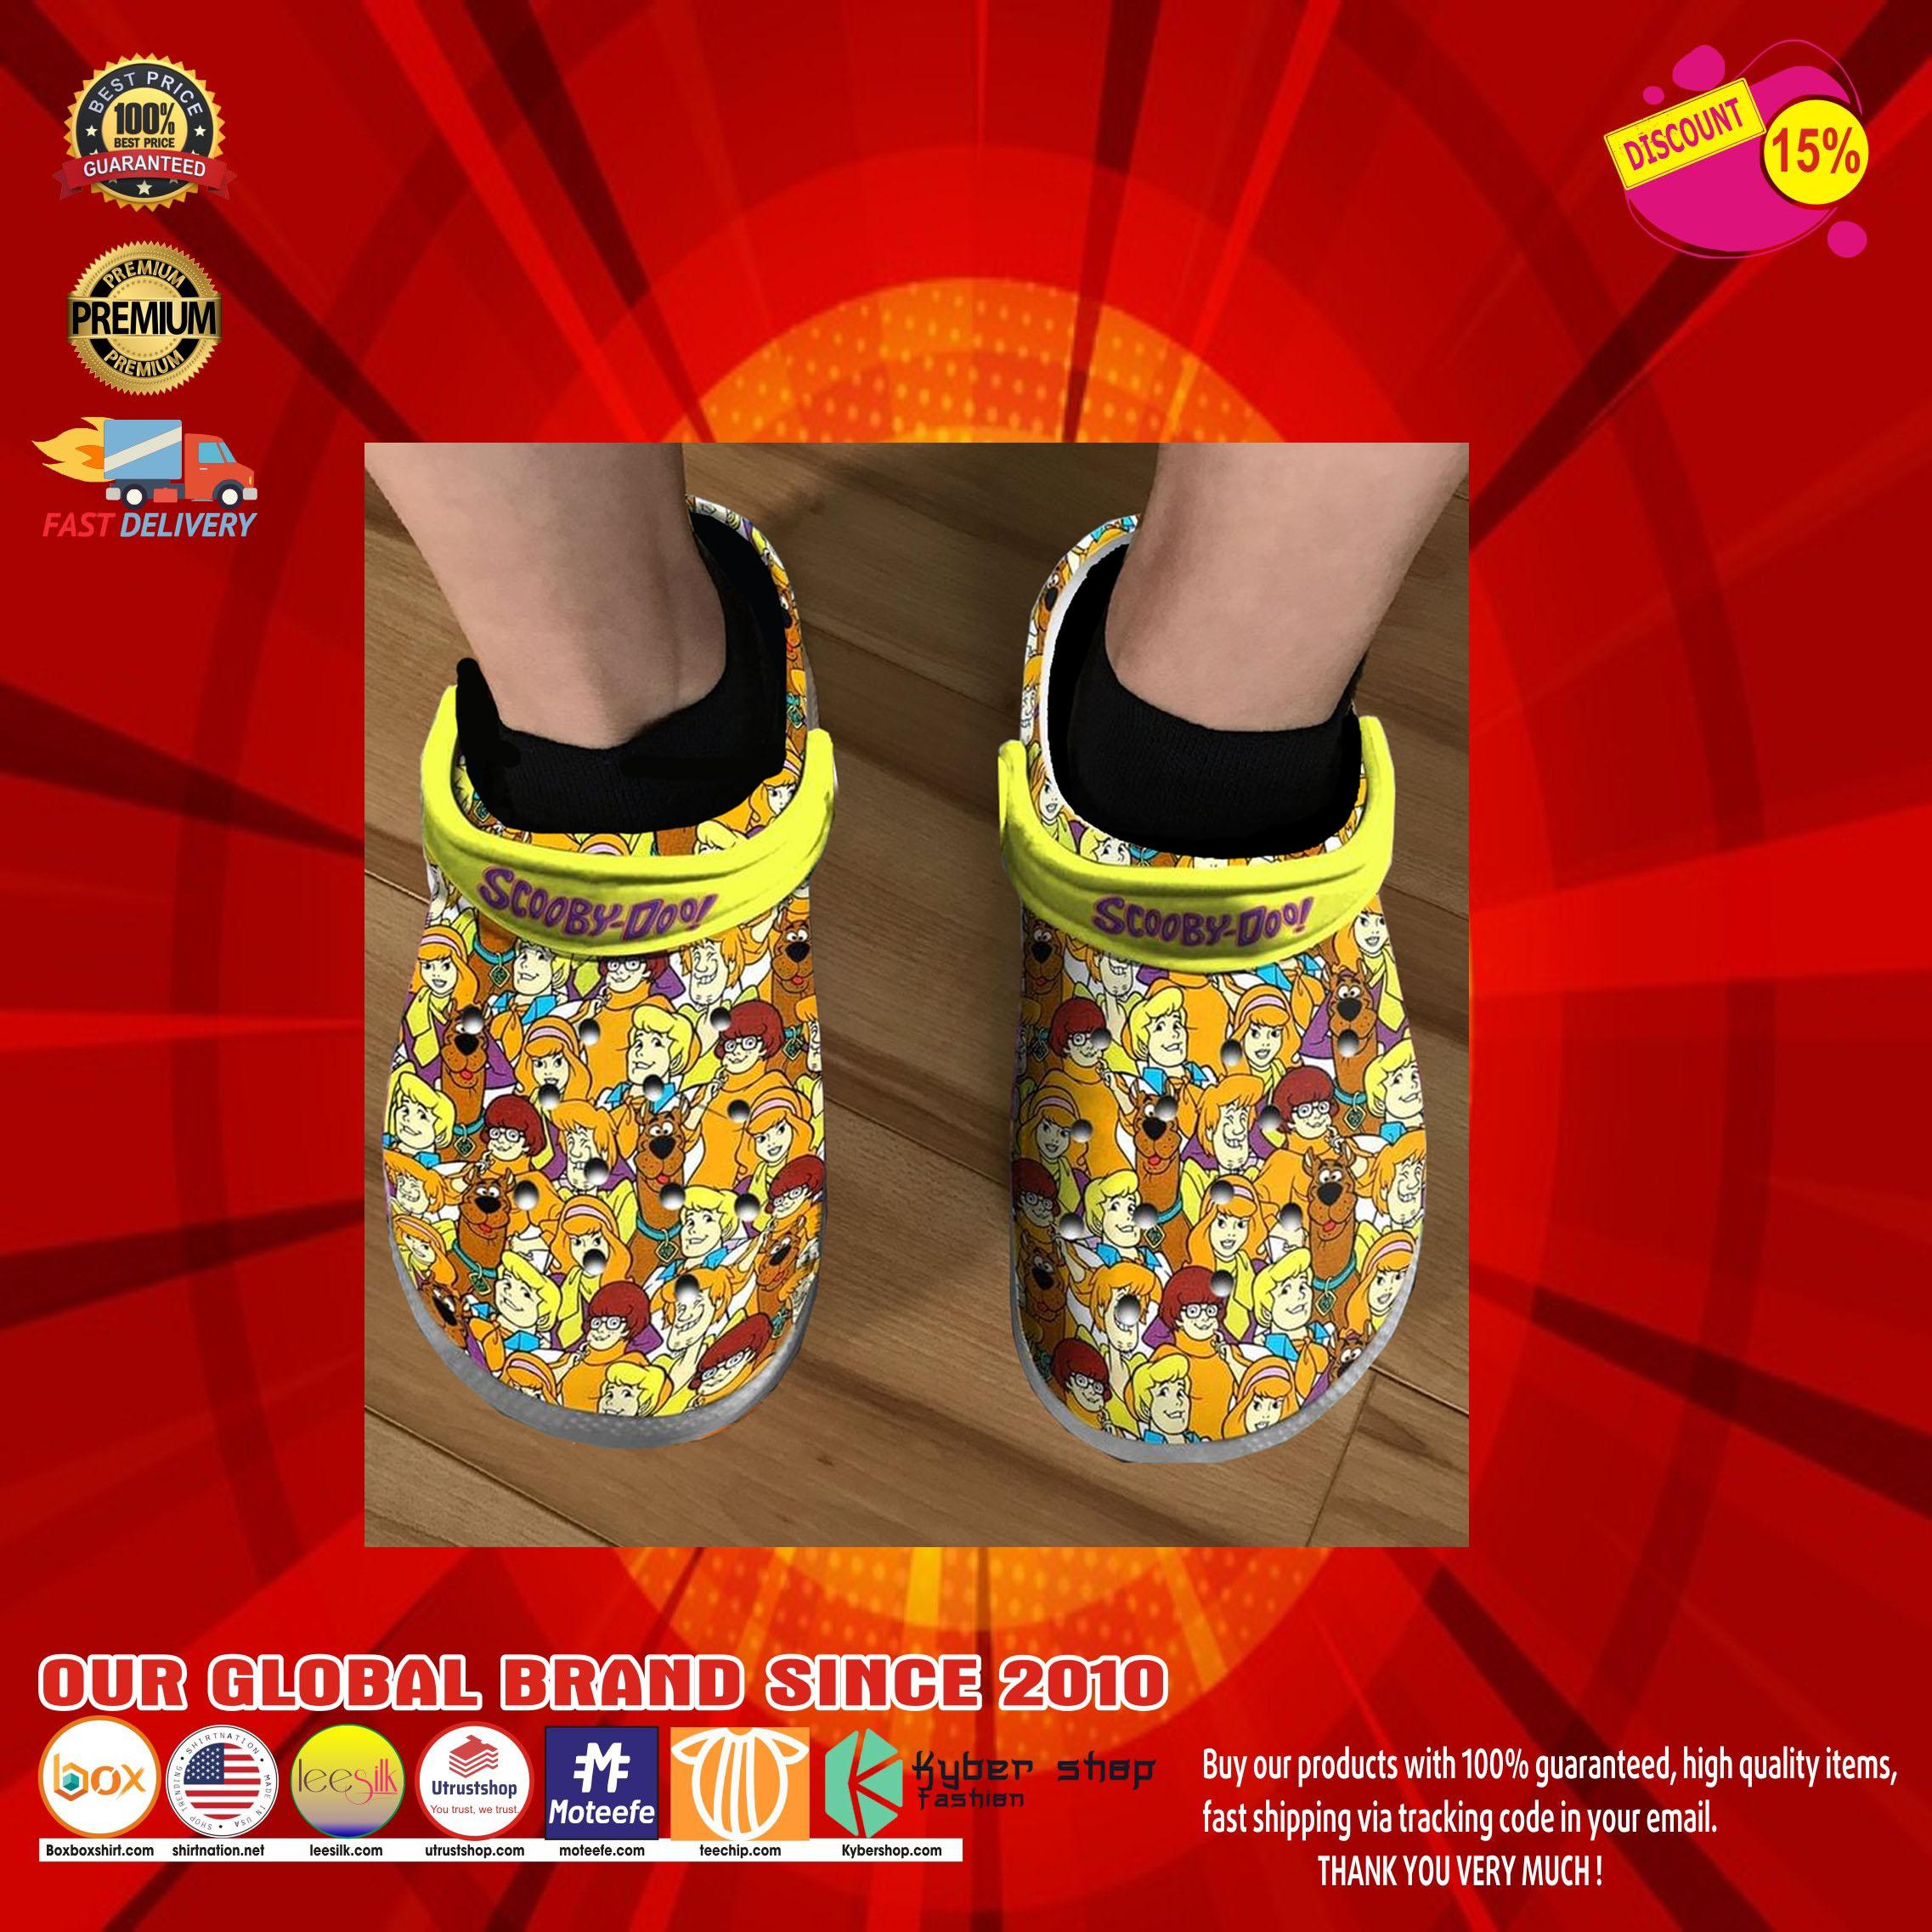 Scooby doo crocs clog shoes10